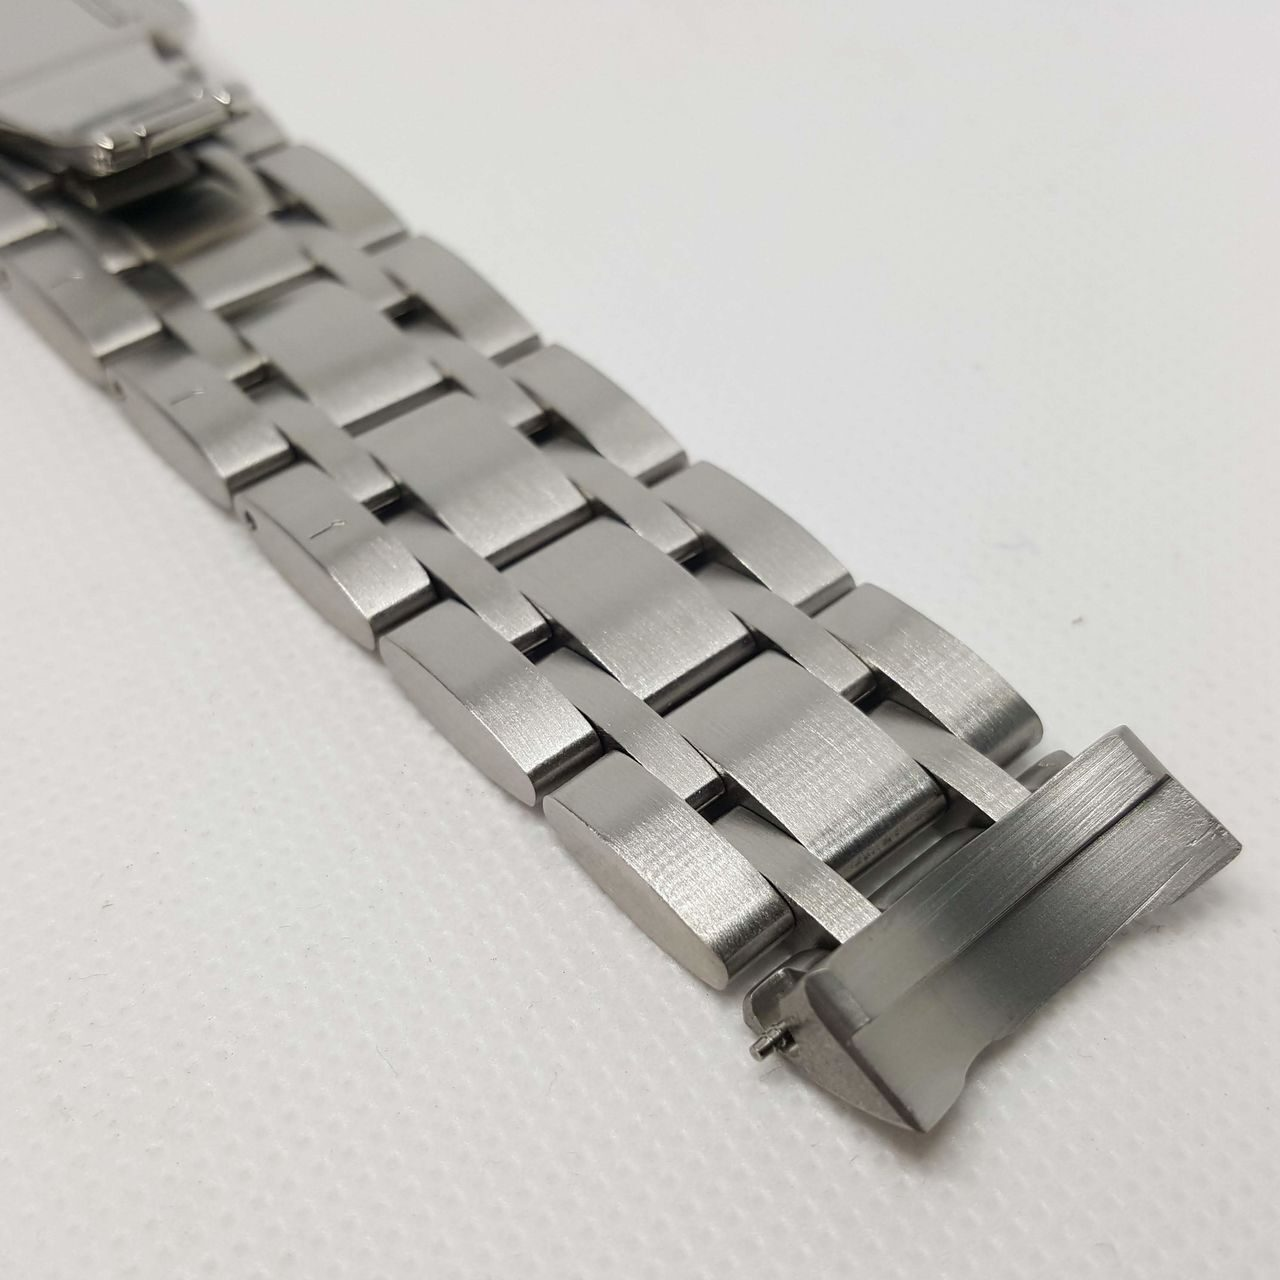 Ручной работы из натуральной кожи загнутым концом ремешок 22 мм 23 мм 24 мм для tissot t часы ремешок сталь пряжка запястье б с высокой вероятностью вы найдете здесь все, что только пожелаете.